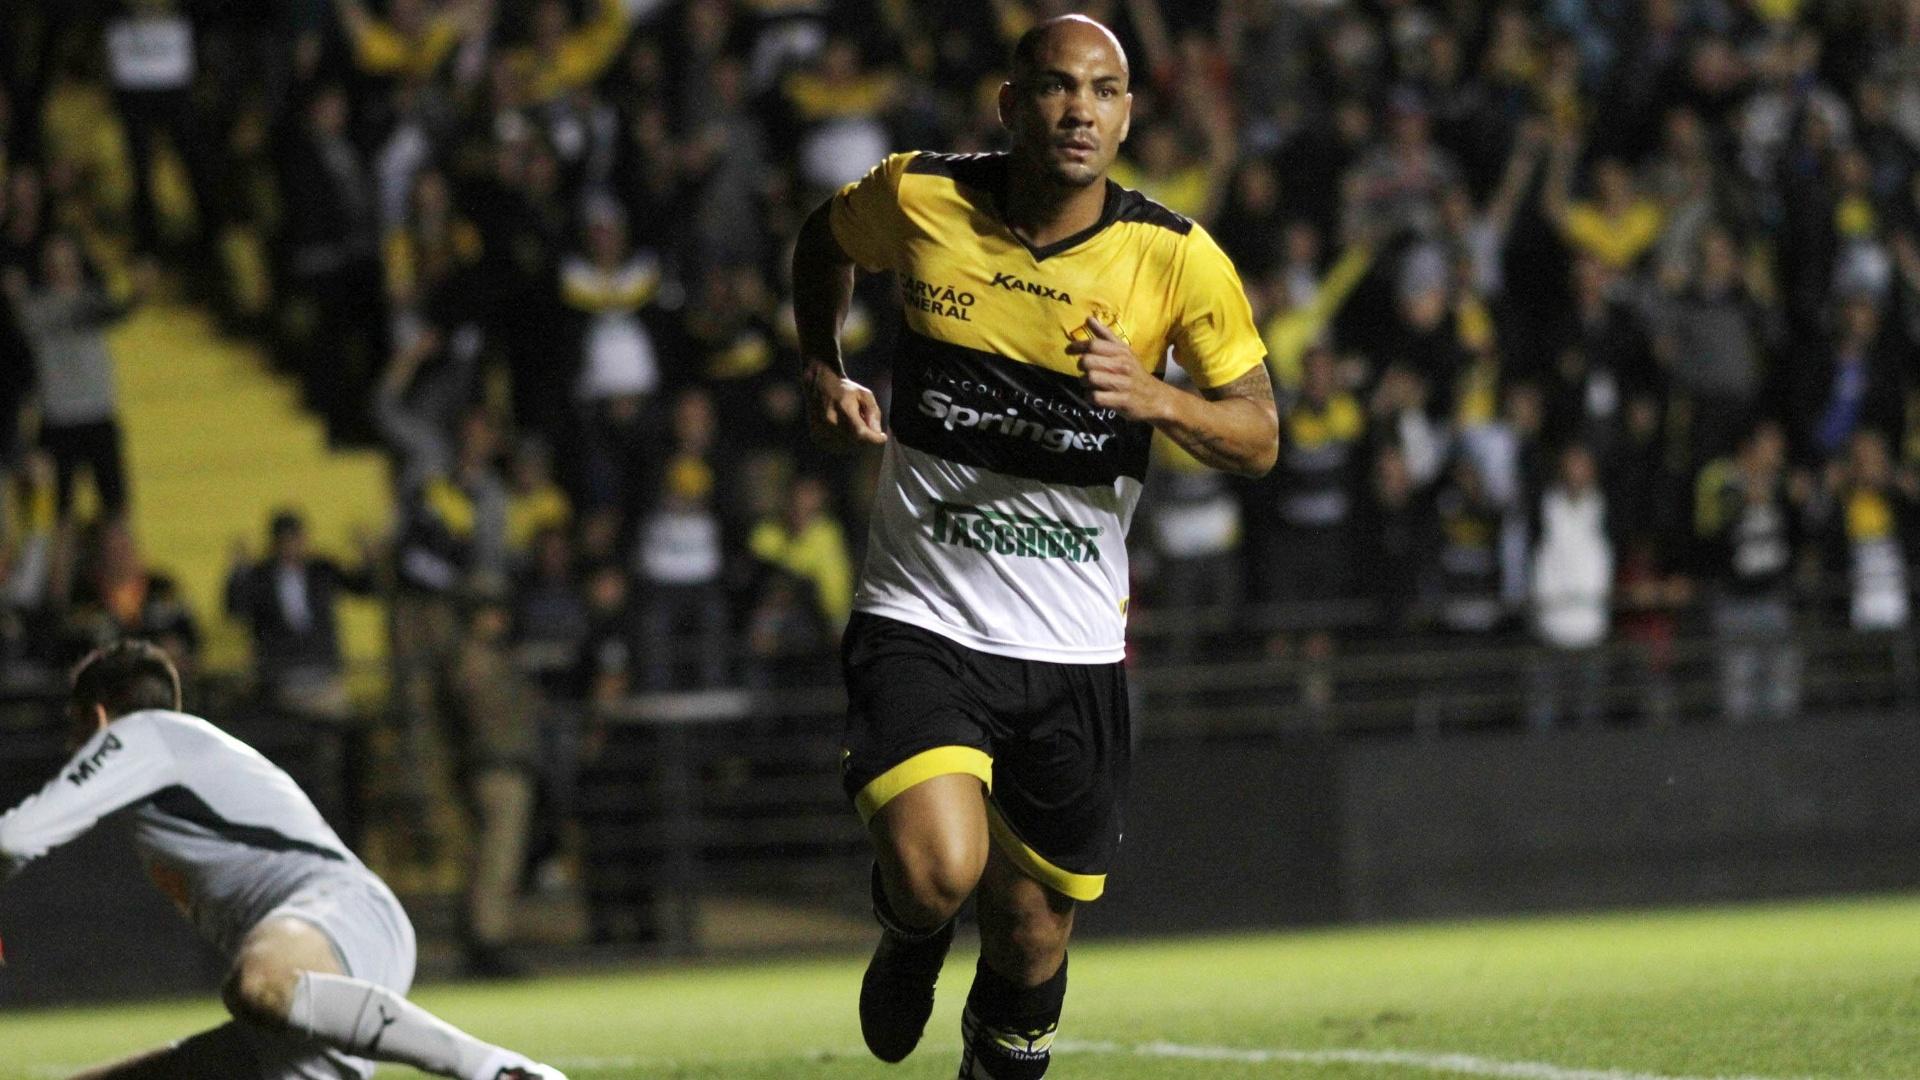 Souza comemora gol do Criciúma contra o Atlético-MG